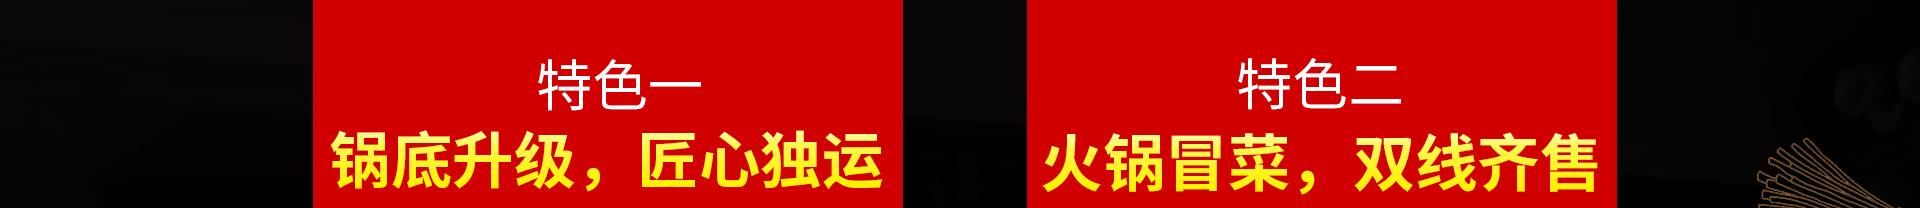 宽窄巷子火锅kzxz_16